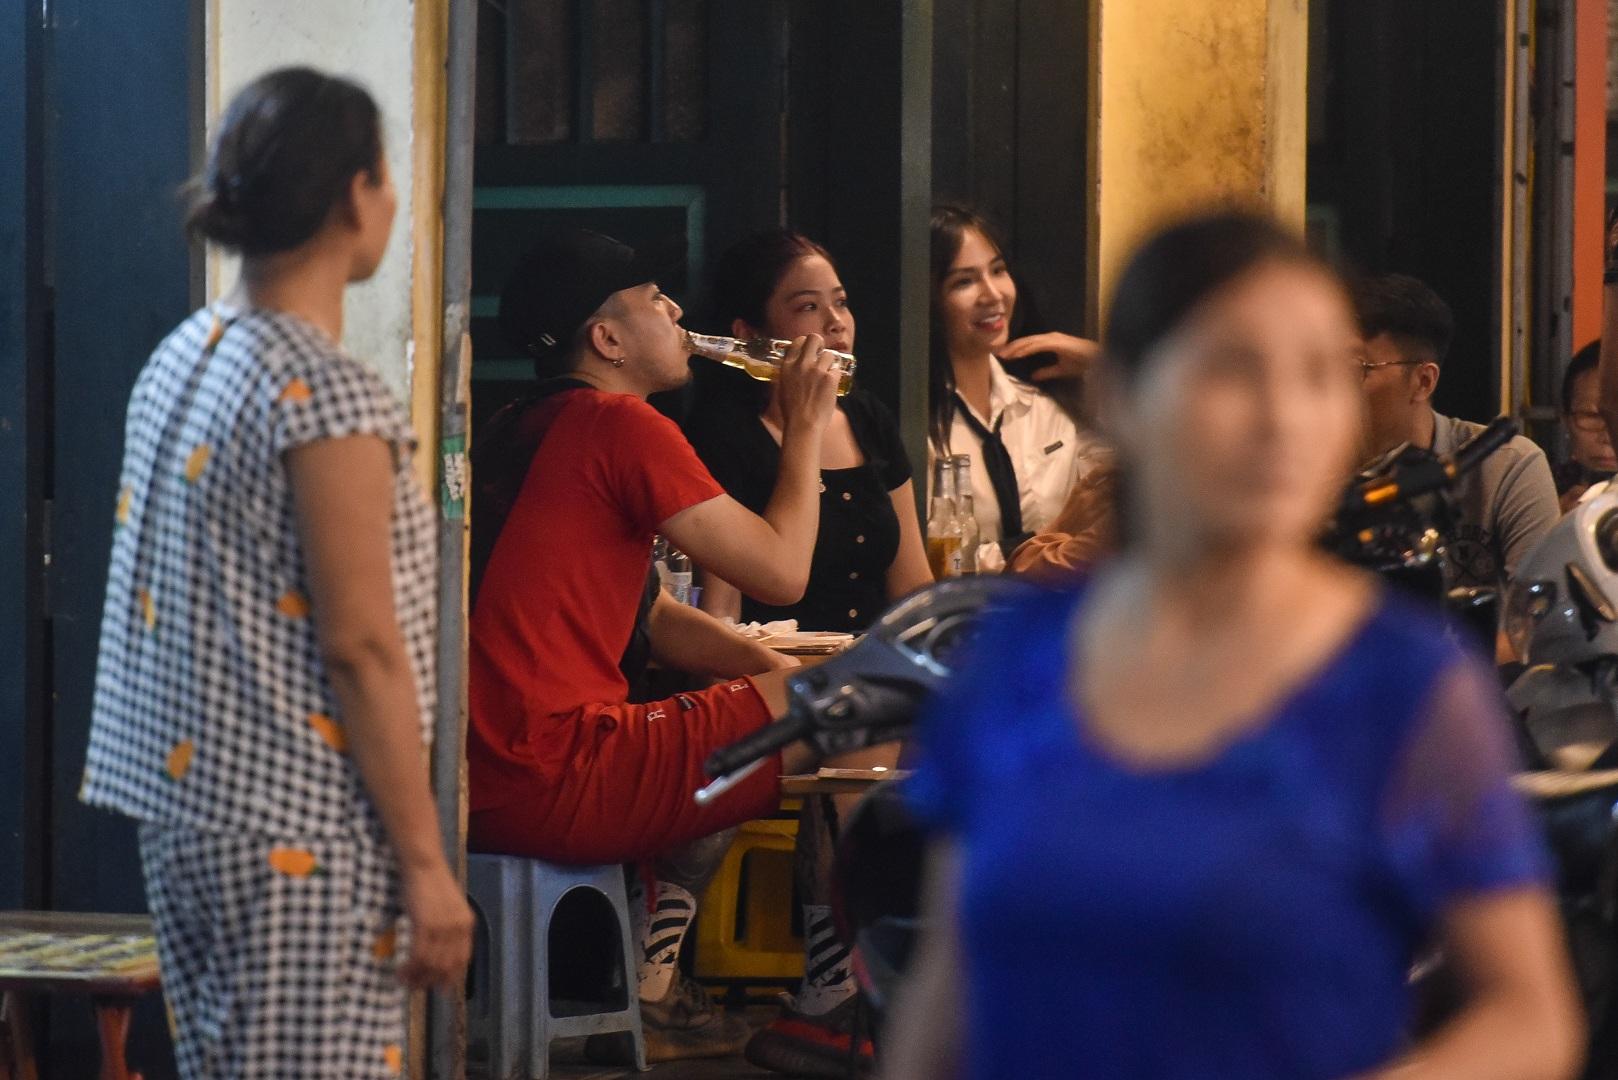 Hàng quán phố cổ thi nhau sang nhượng, đến Tạ Hiện cũng chung cảnh đìu hiu - 5